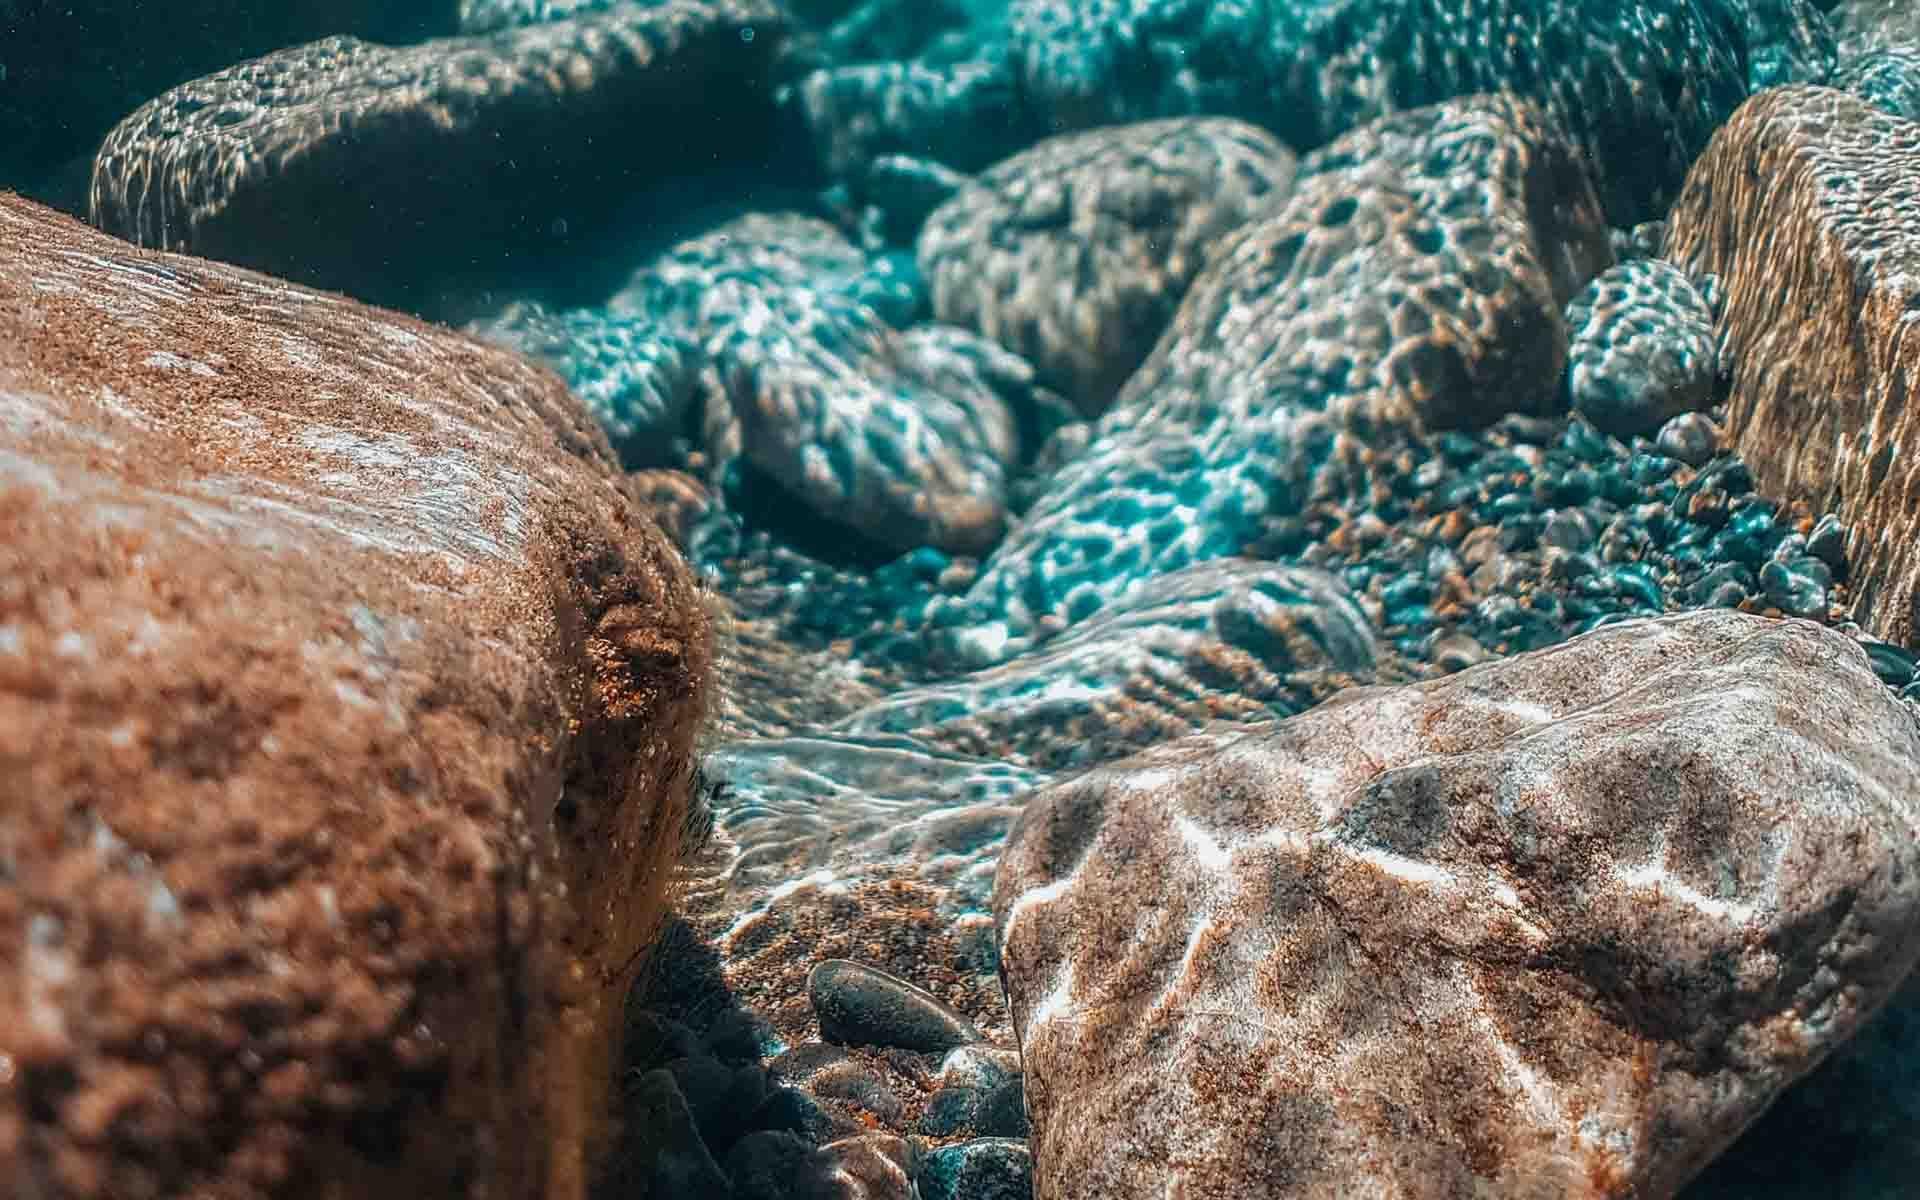 Stone Ocean Beautiful Wallpaper Beautiful Wallpaper Hd Ocean Wallpaper Beautiful Wallpapers